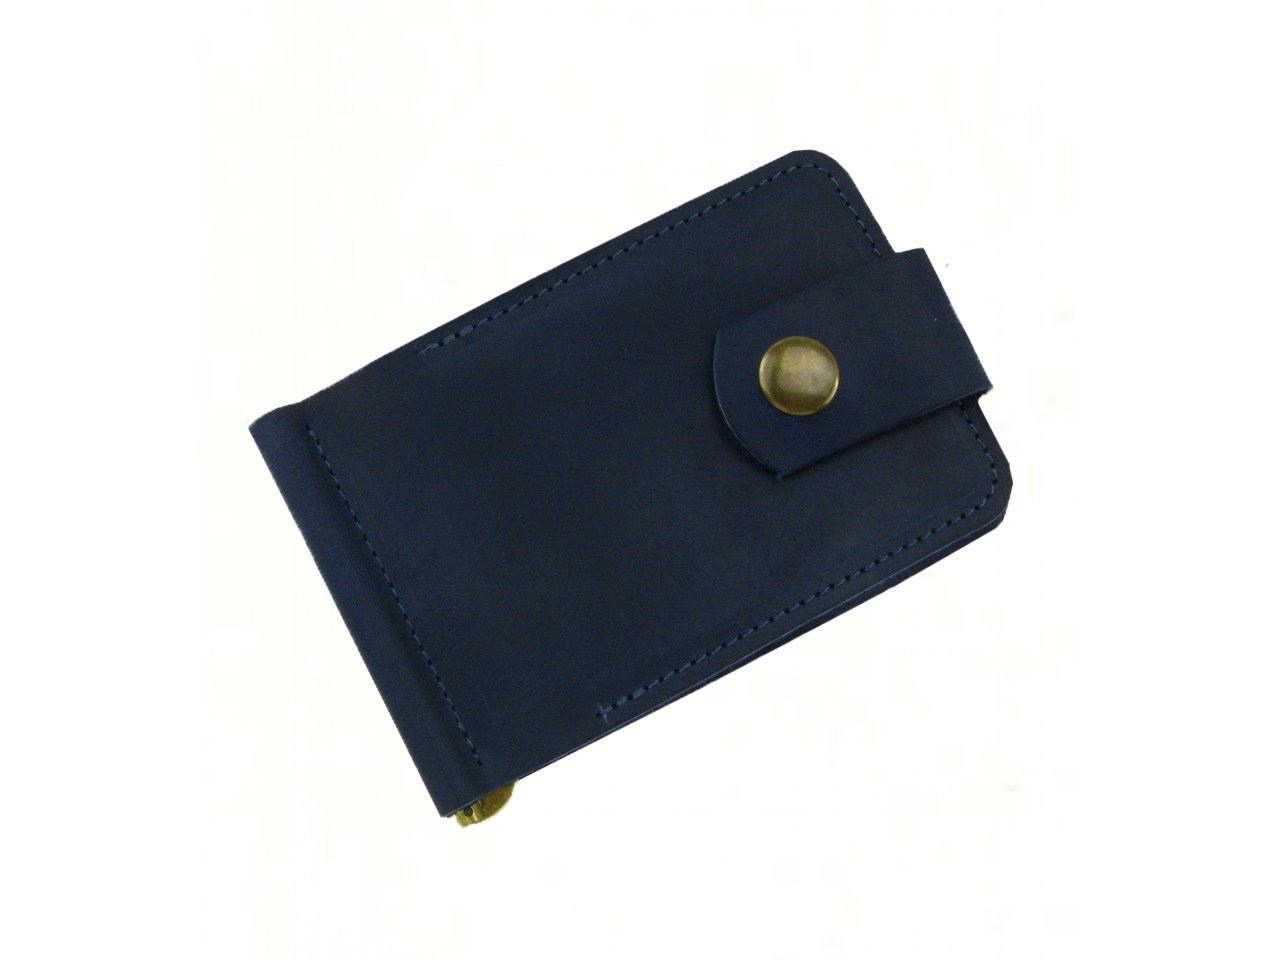 Кожаный мужской кошелек зажим для купюр GS синего цвета